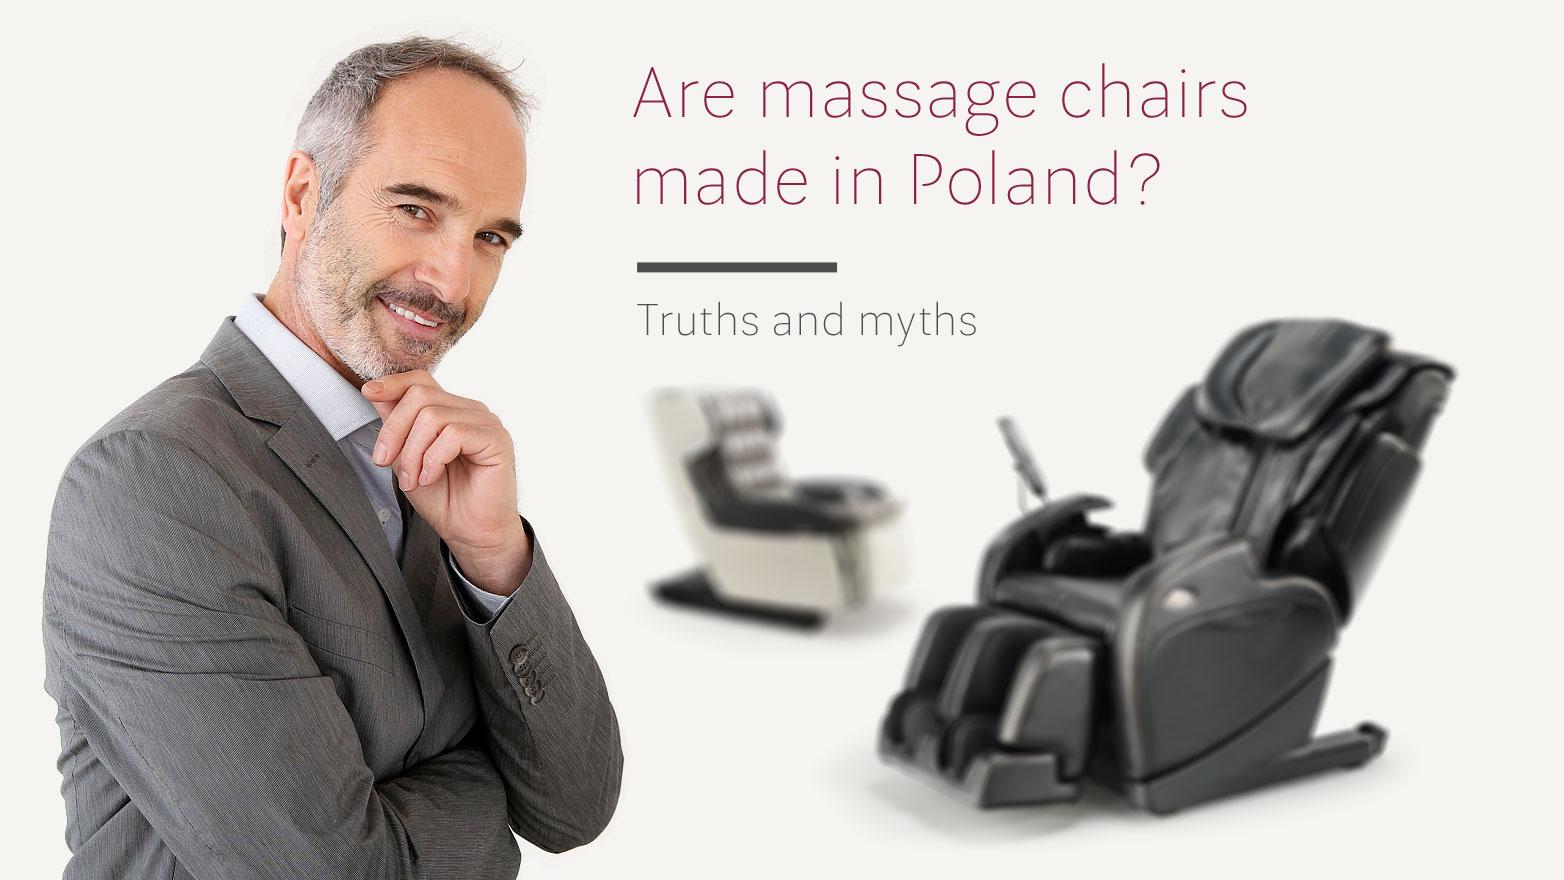 Polish massage chairs